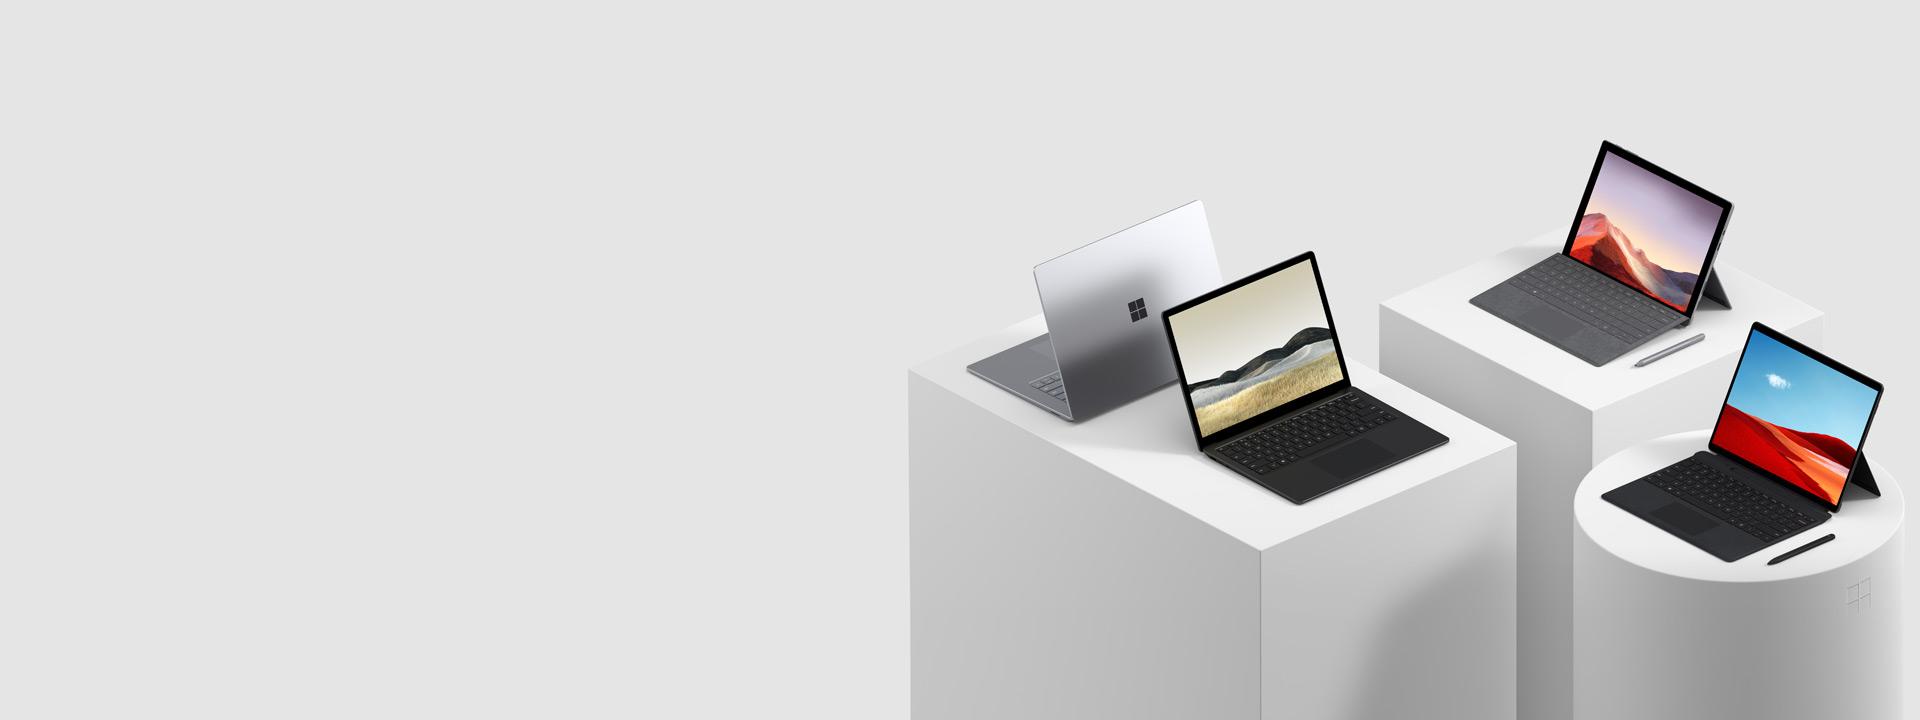 Diversos computadores Surface incluindo o Surface Pro 7, o Surface Pro X, o Surface Book 2, o Surface Studio 2 e o Surface Go